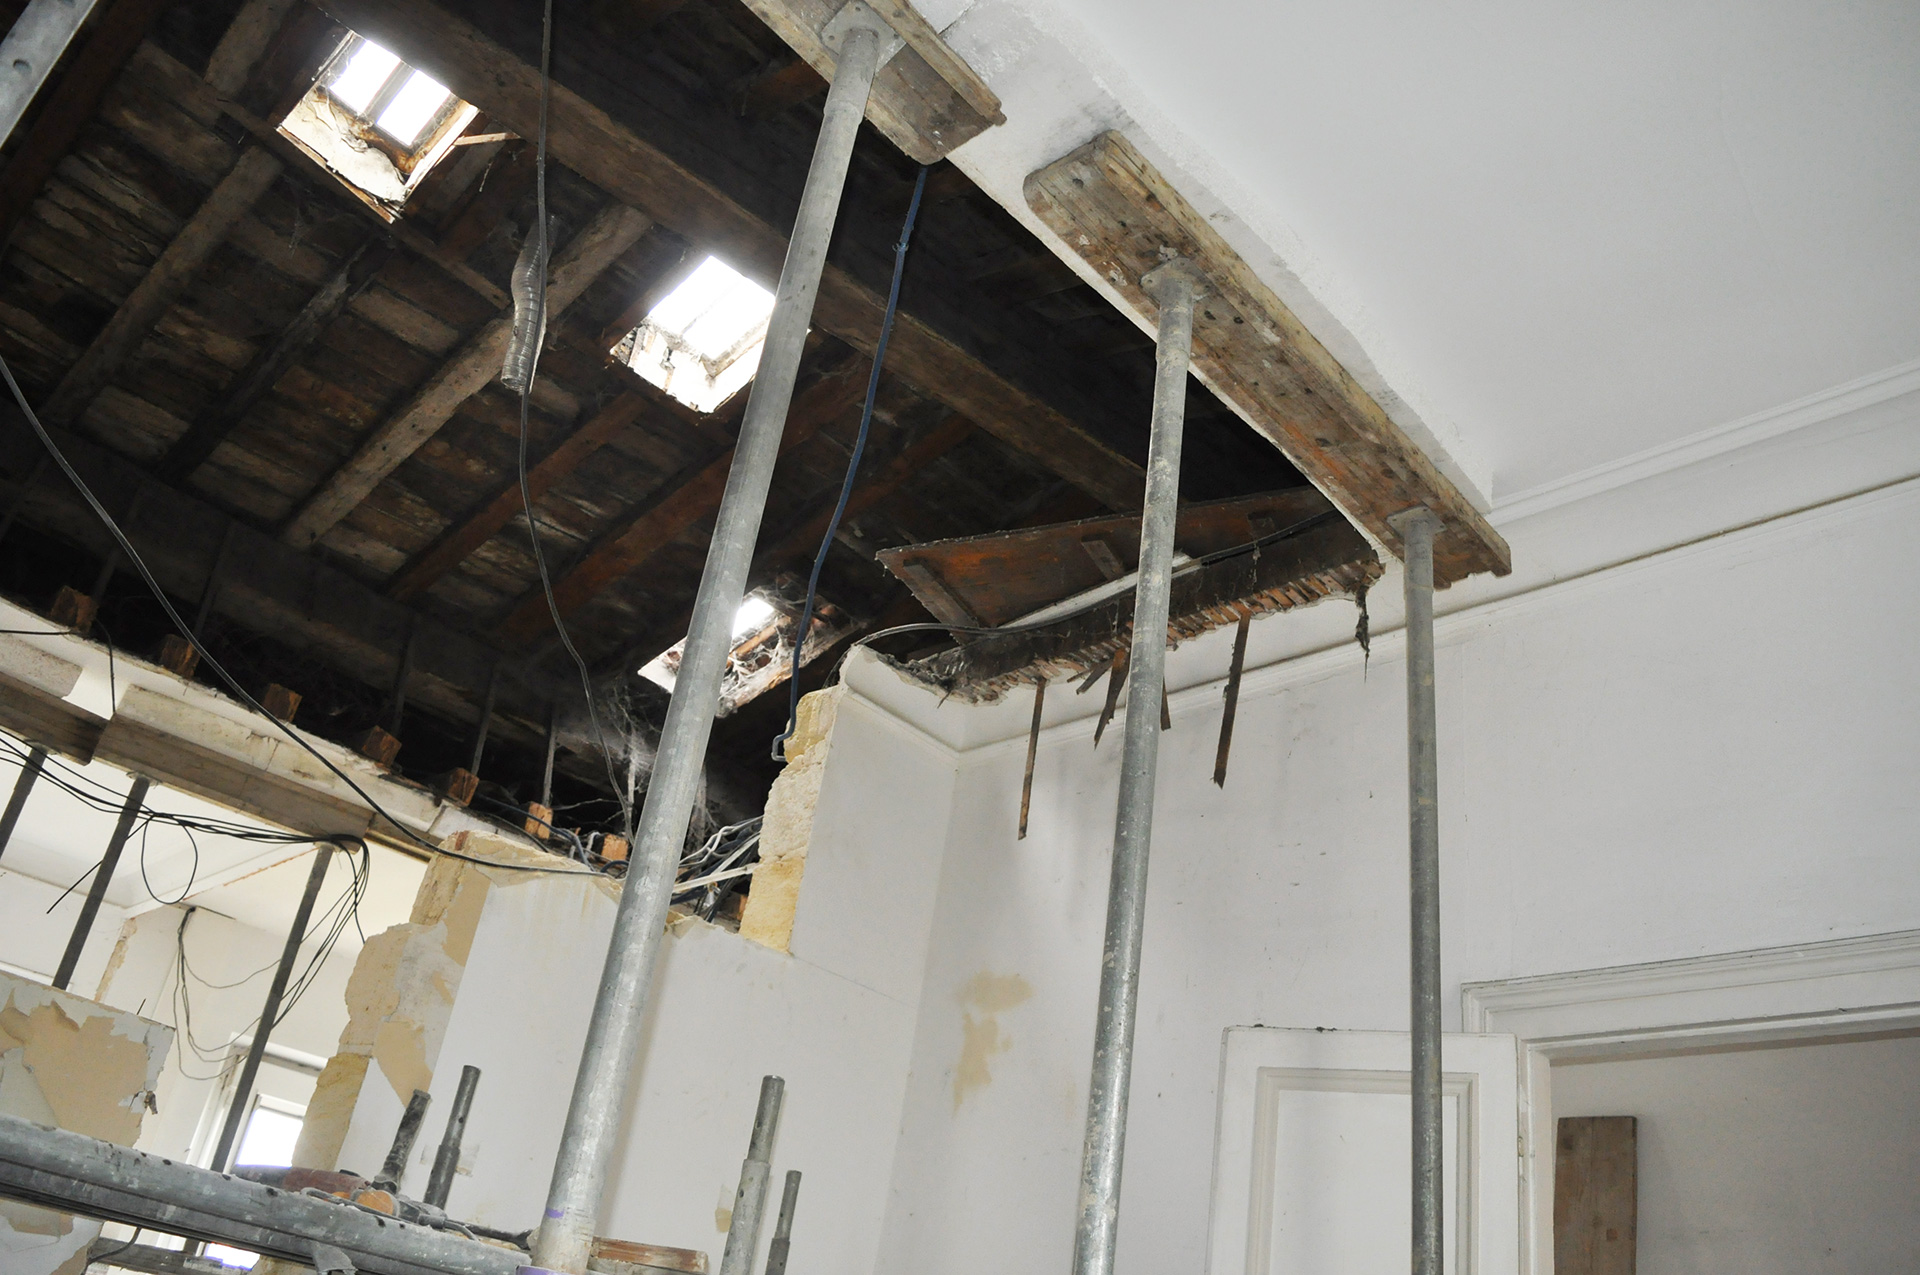 Une mezzanine suspendue eponyme architecture for Architecture suspendue